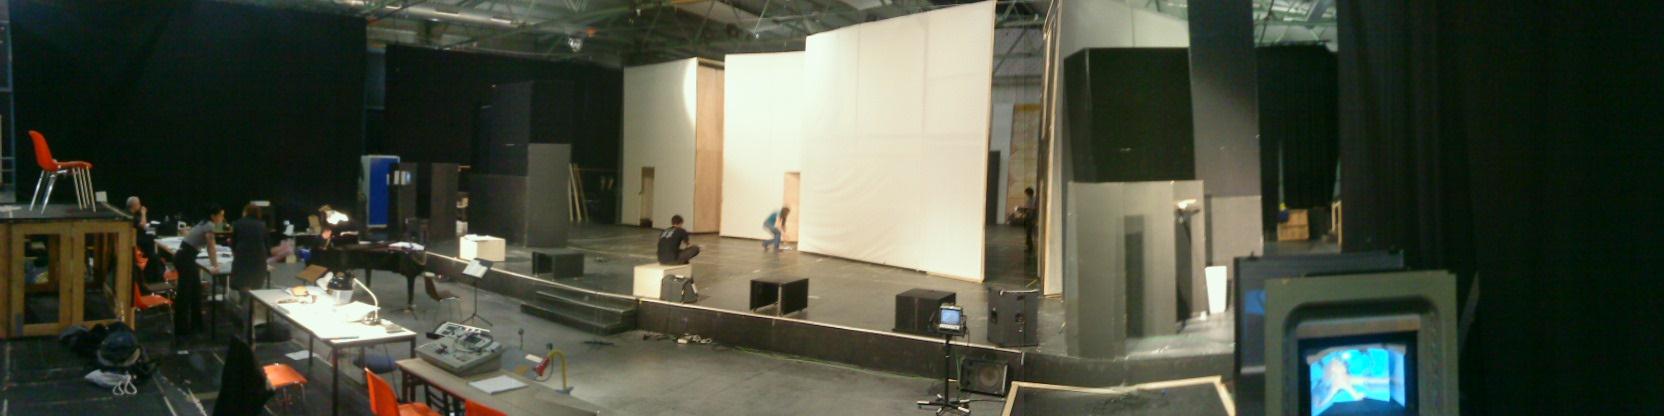 panorama-rehearsals-kopie